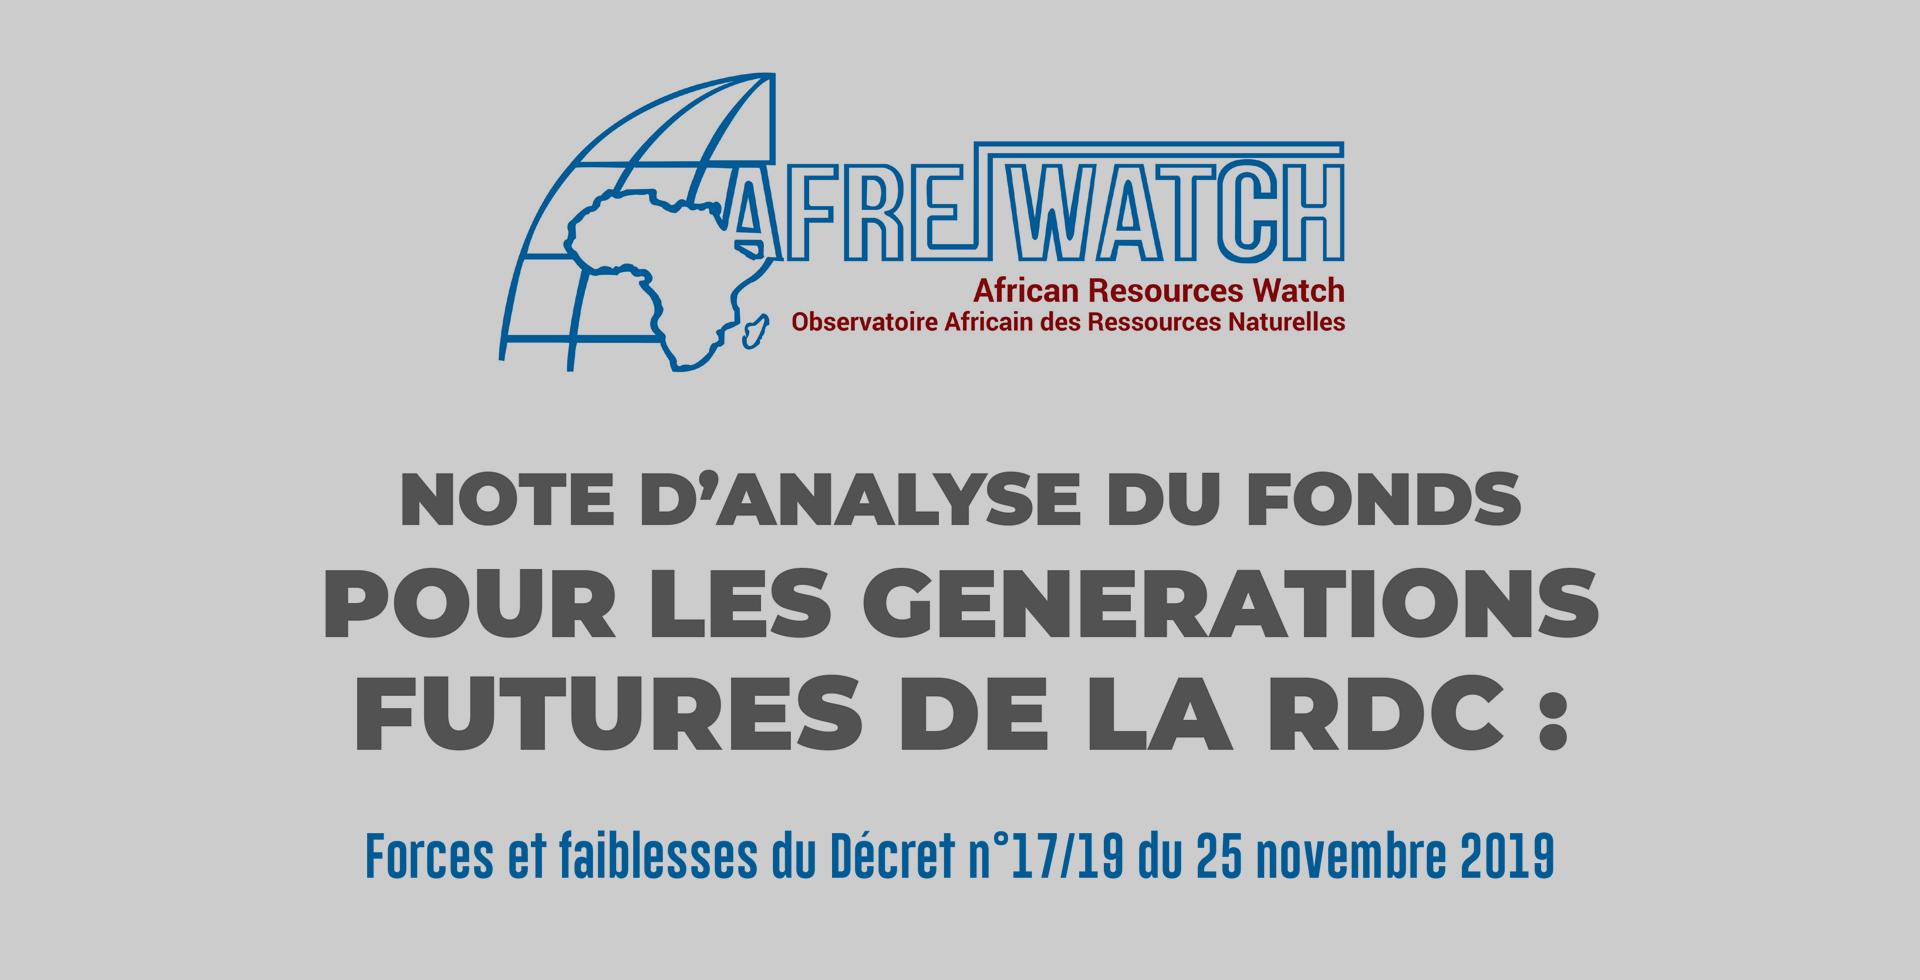 NOTE D'ANALYSE DU FONDS POUR LES GENERATIONS FUTURES DE LA RDC: Forces et faiblesses du Décret n°17/19 du 25 novembre 2019